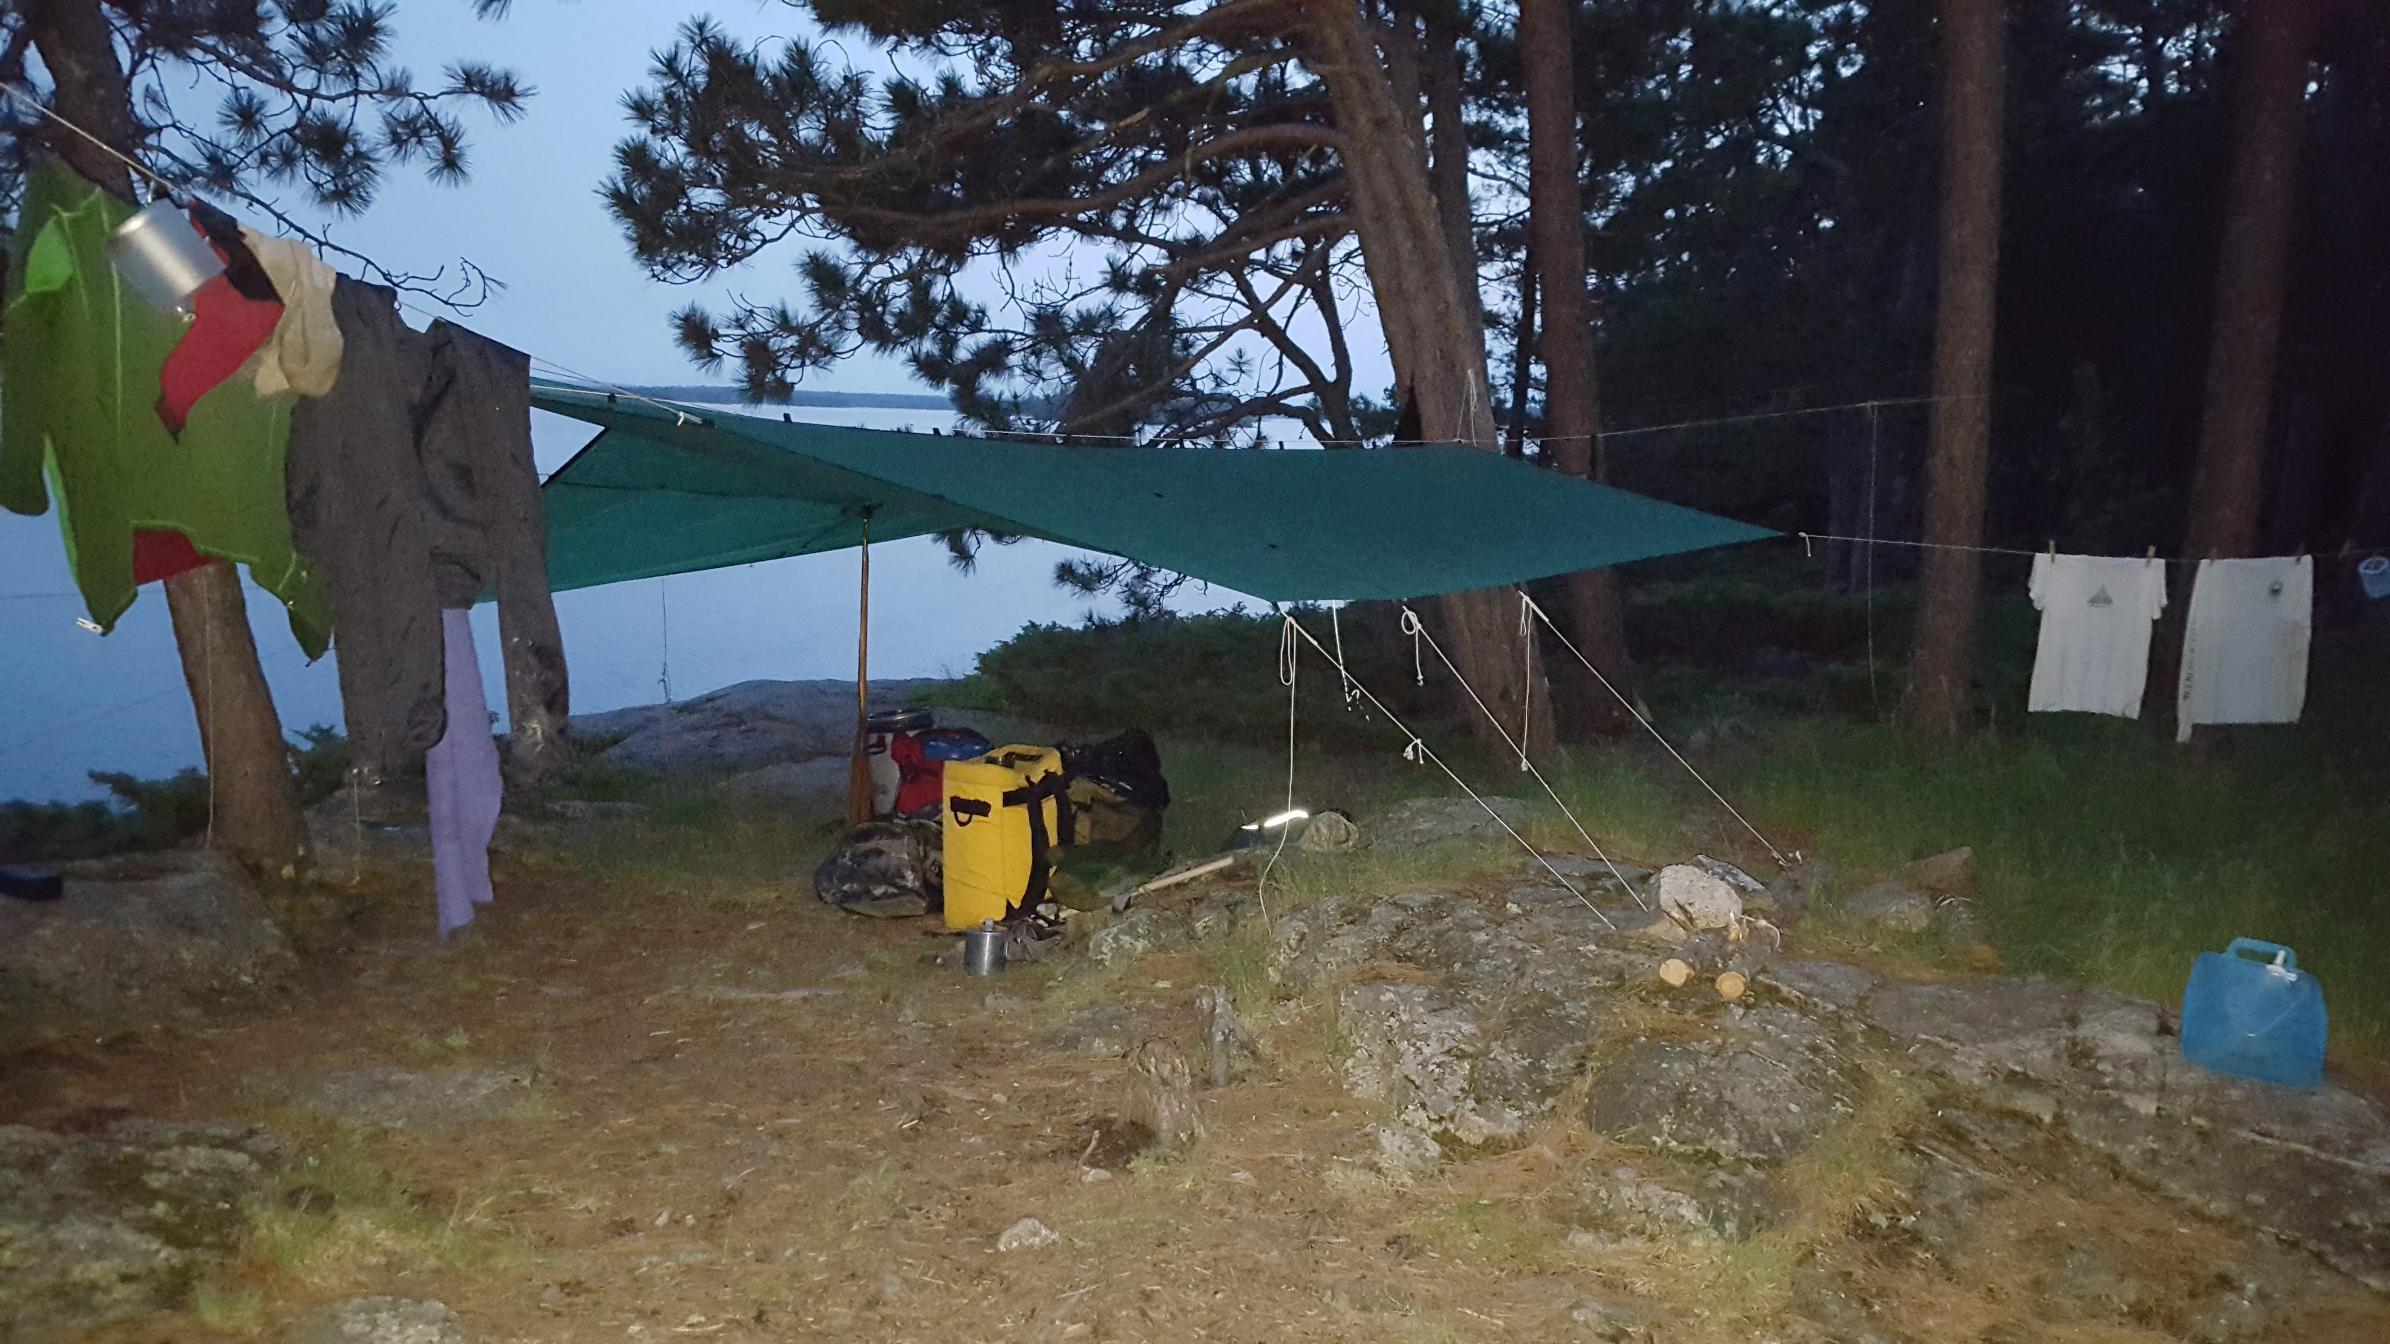 Camp on Sag